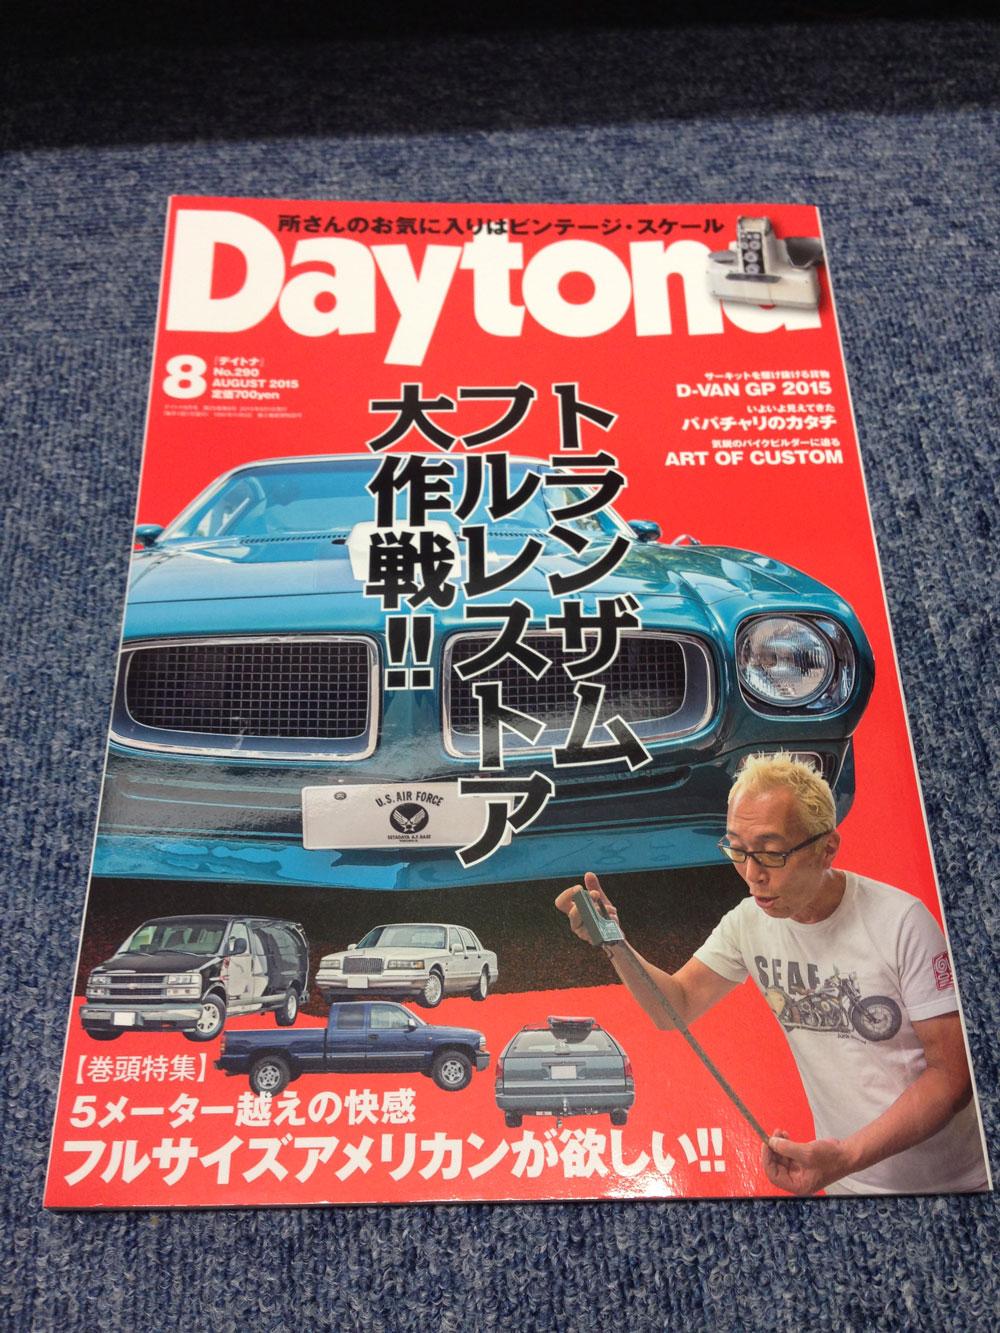 2015_07_06_Daytona8